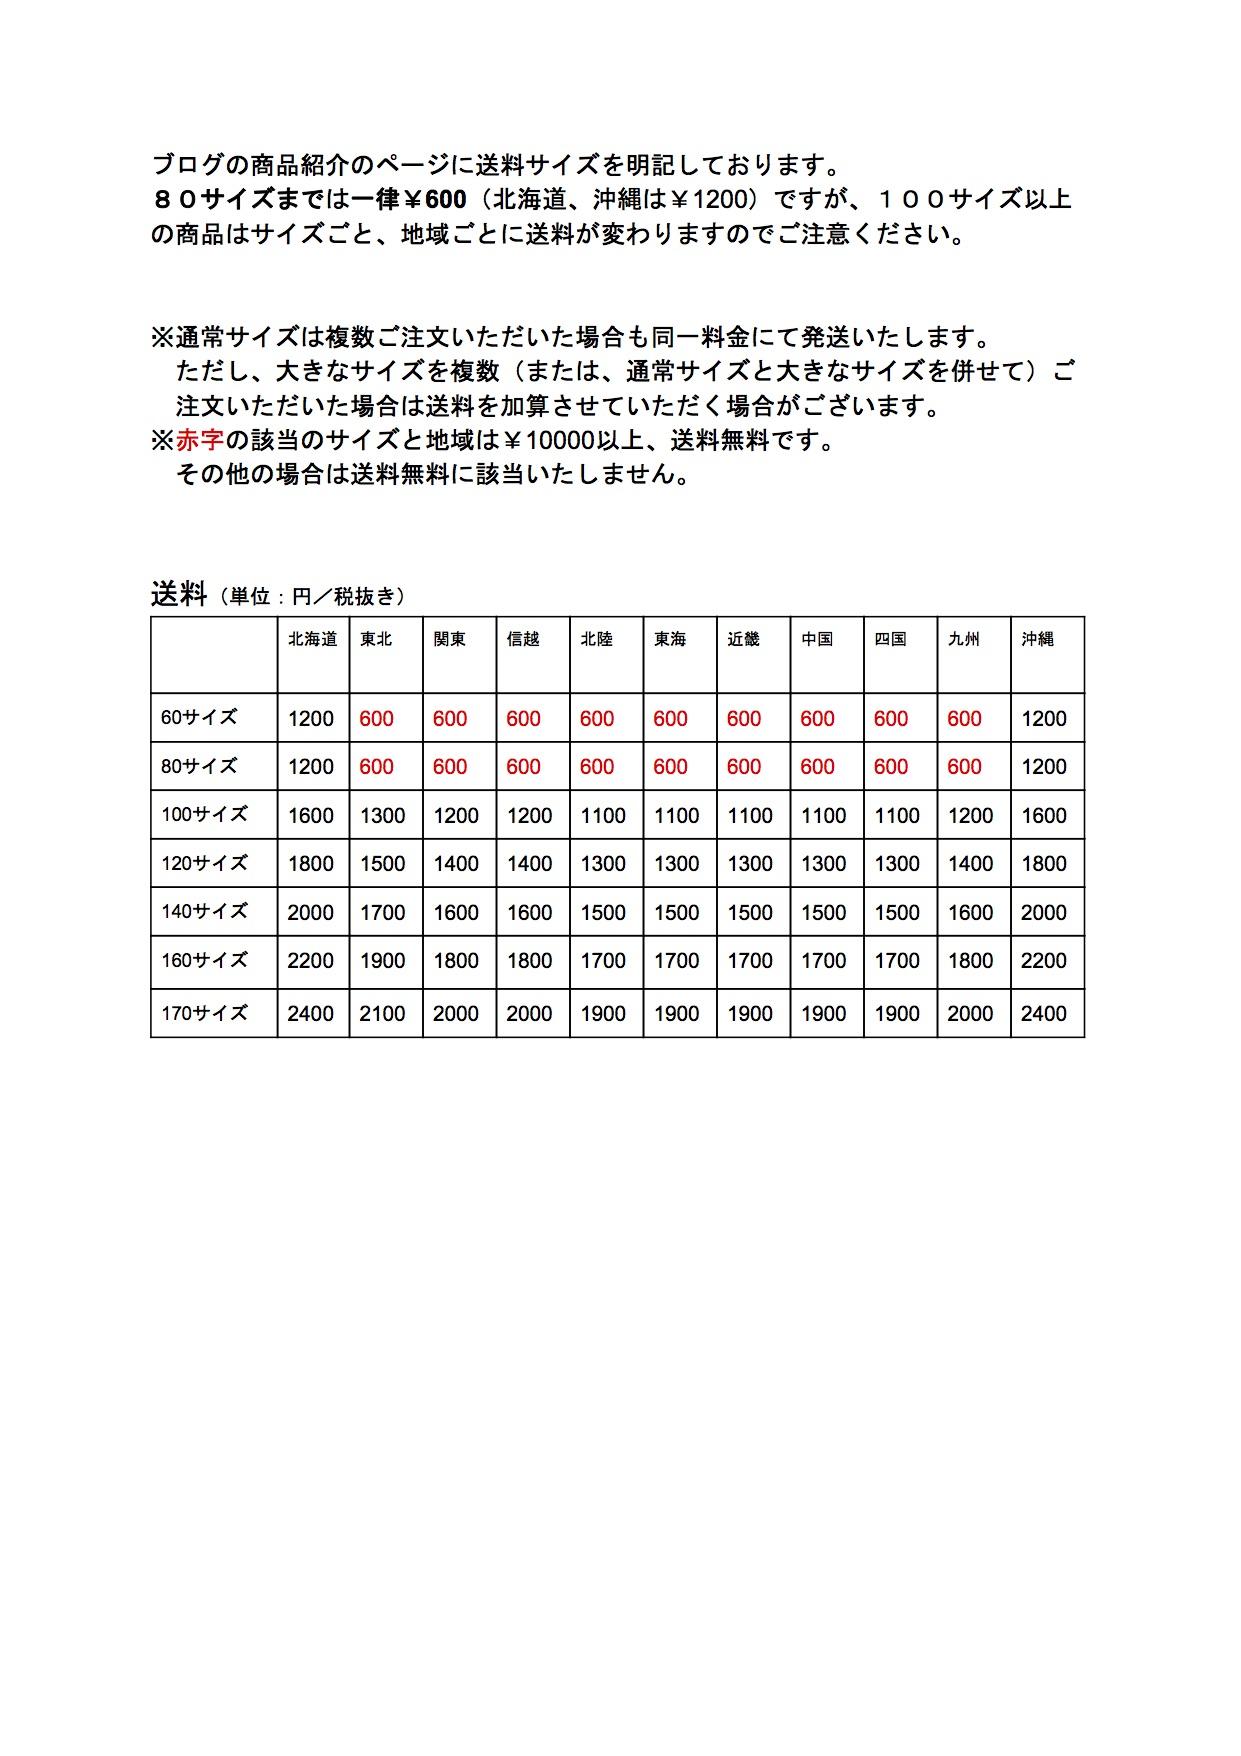 ブログの商品紹介のページに送料サイズを明記いたしますので、表でご確認ください。